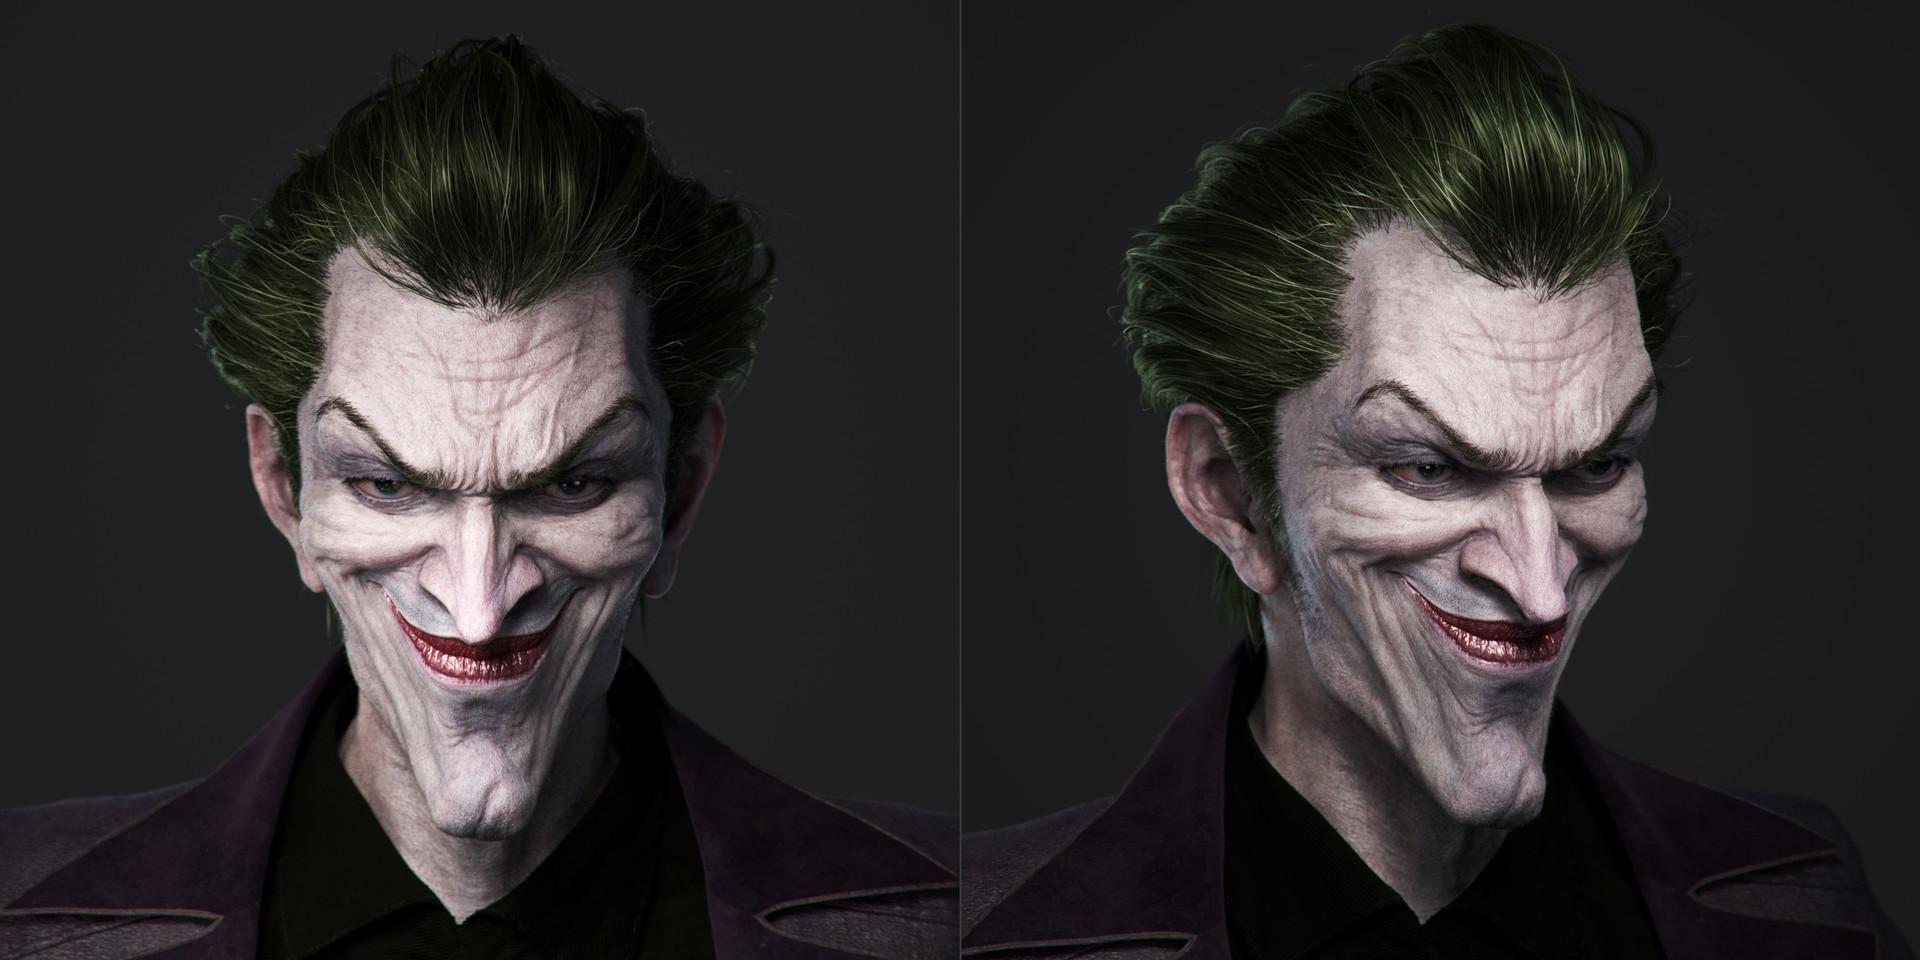 Duc phil nguyen joker angle 01b